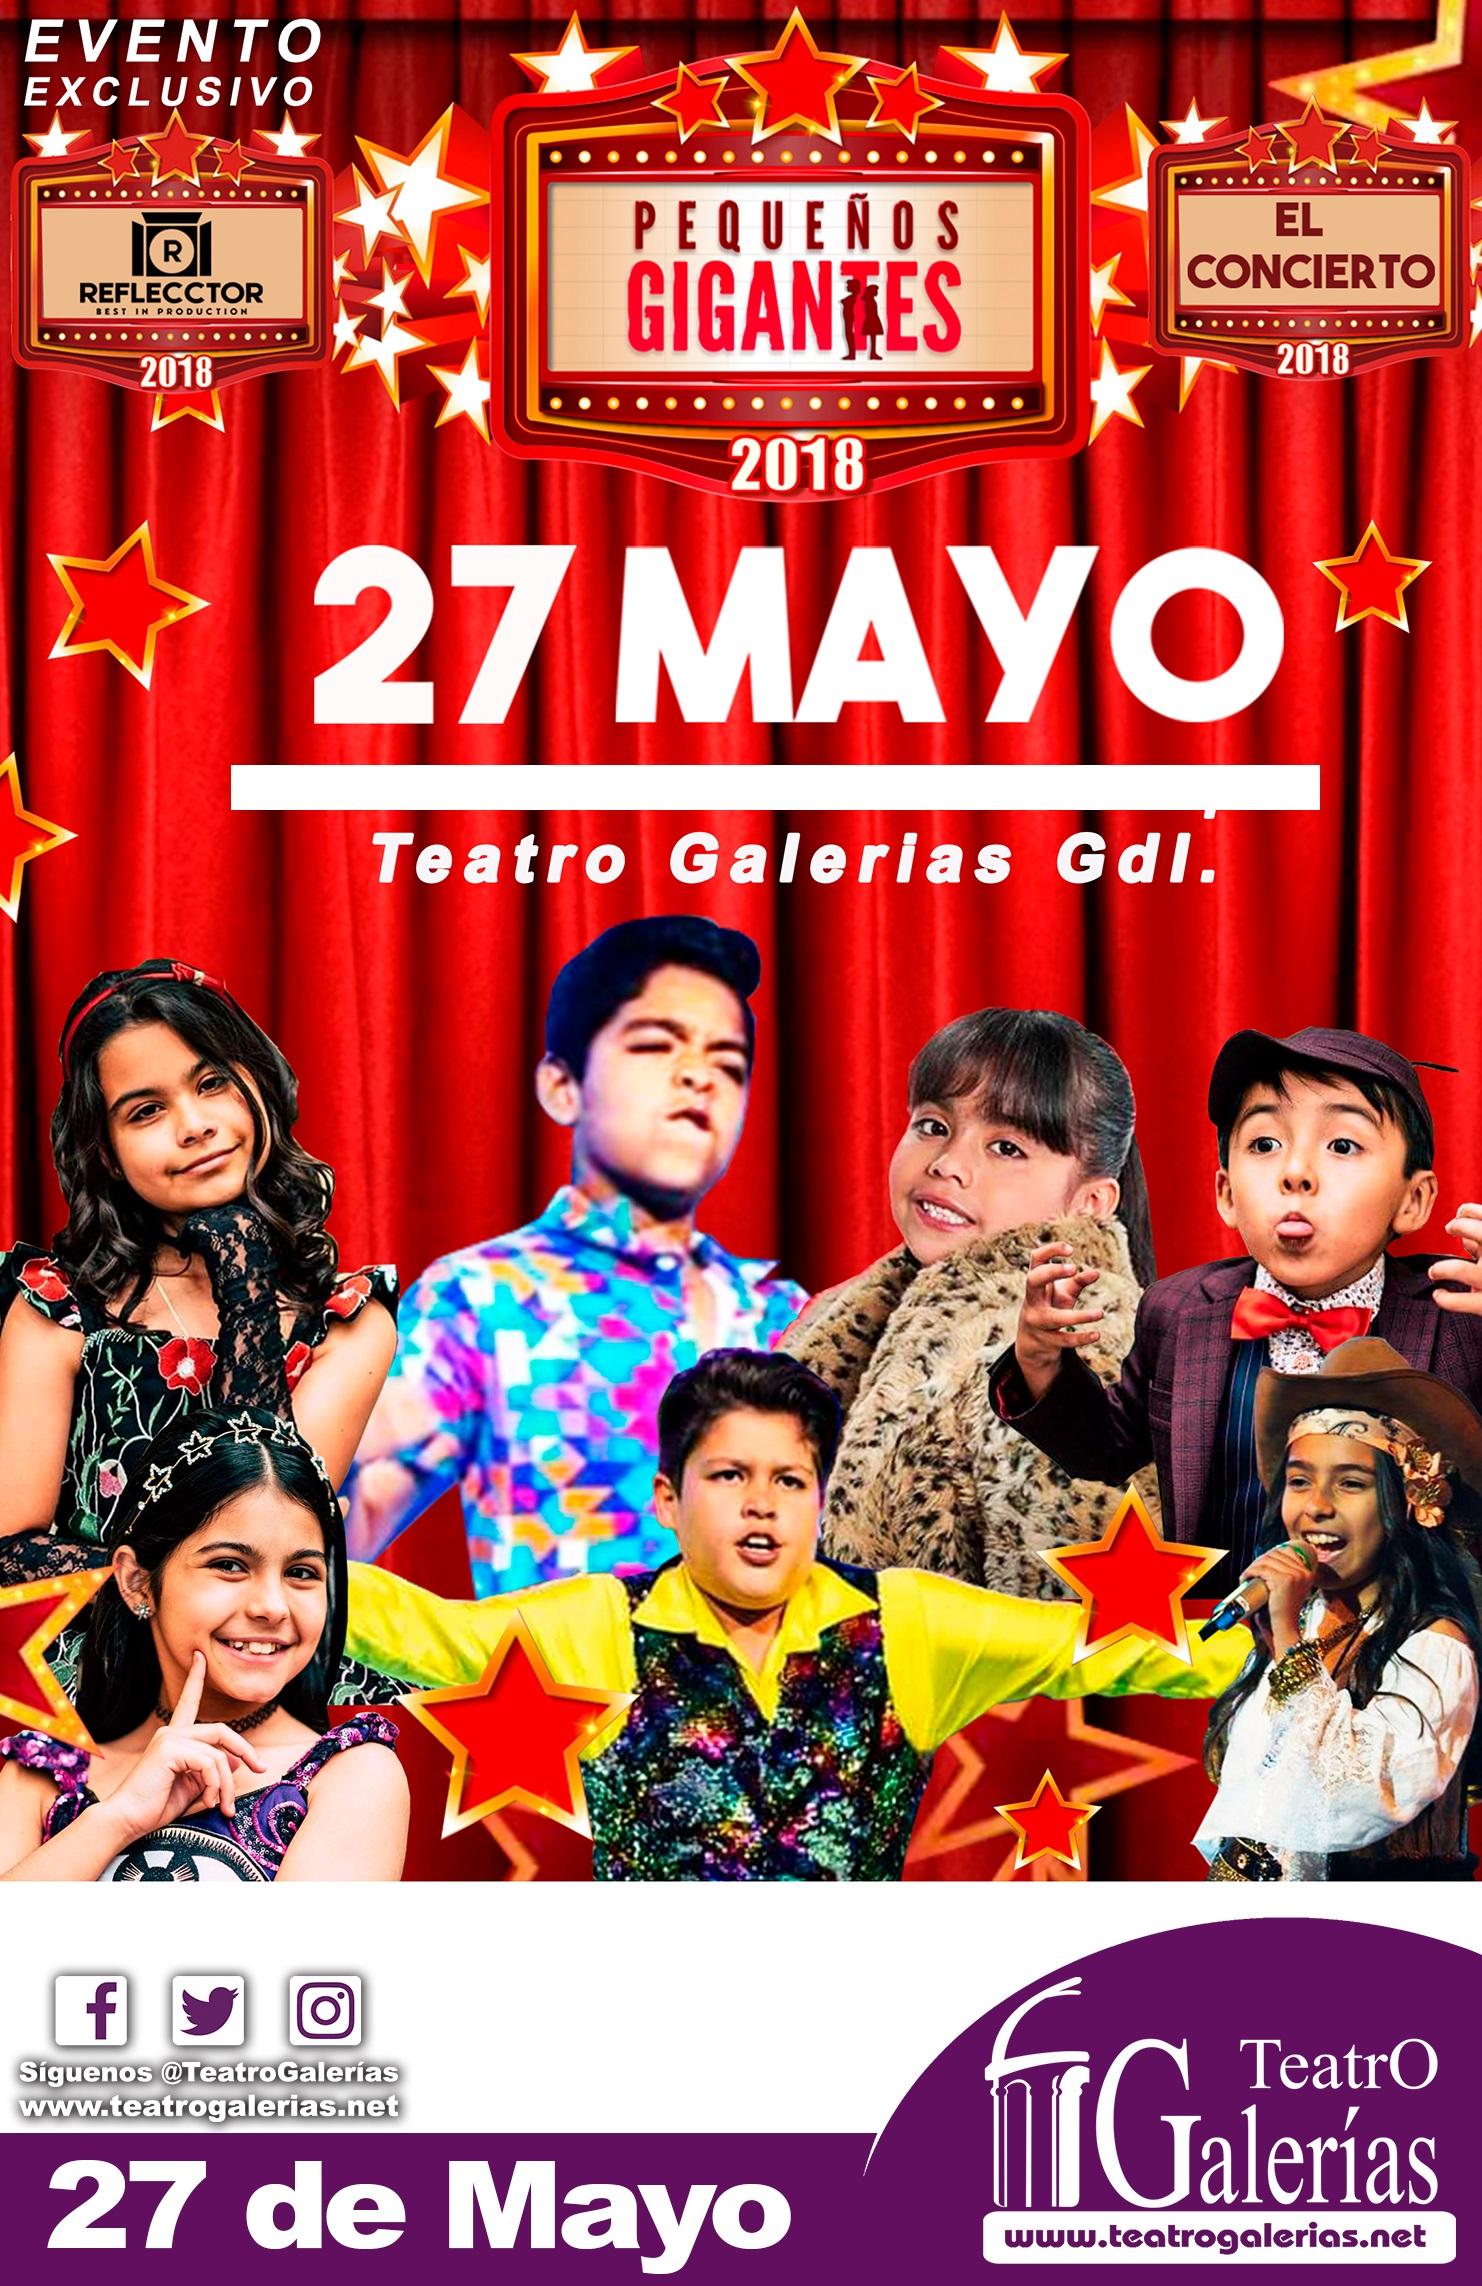 Pequeños Gigantes / Teatro Galerías